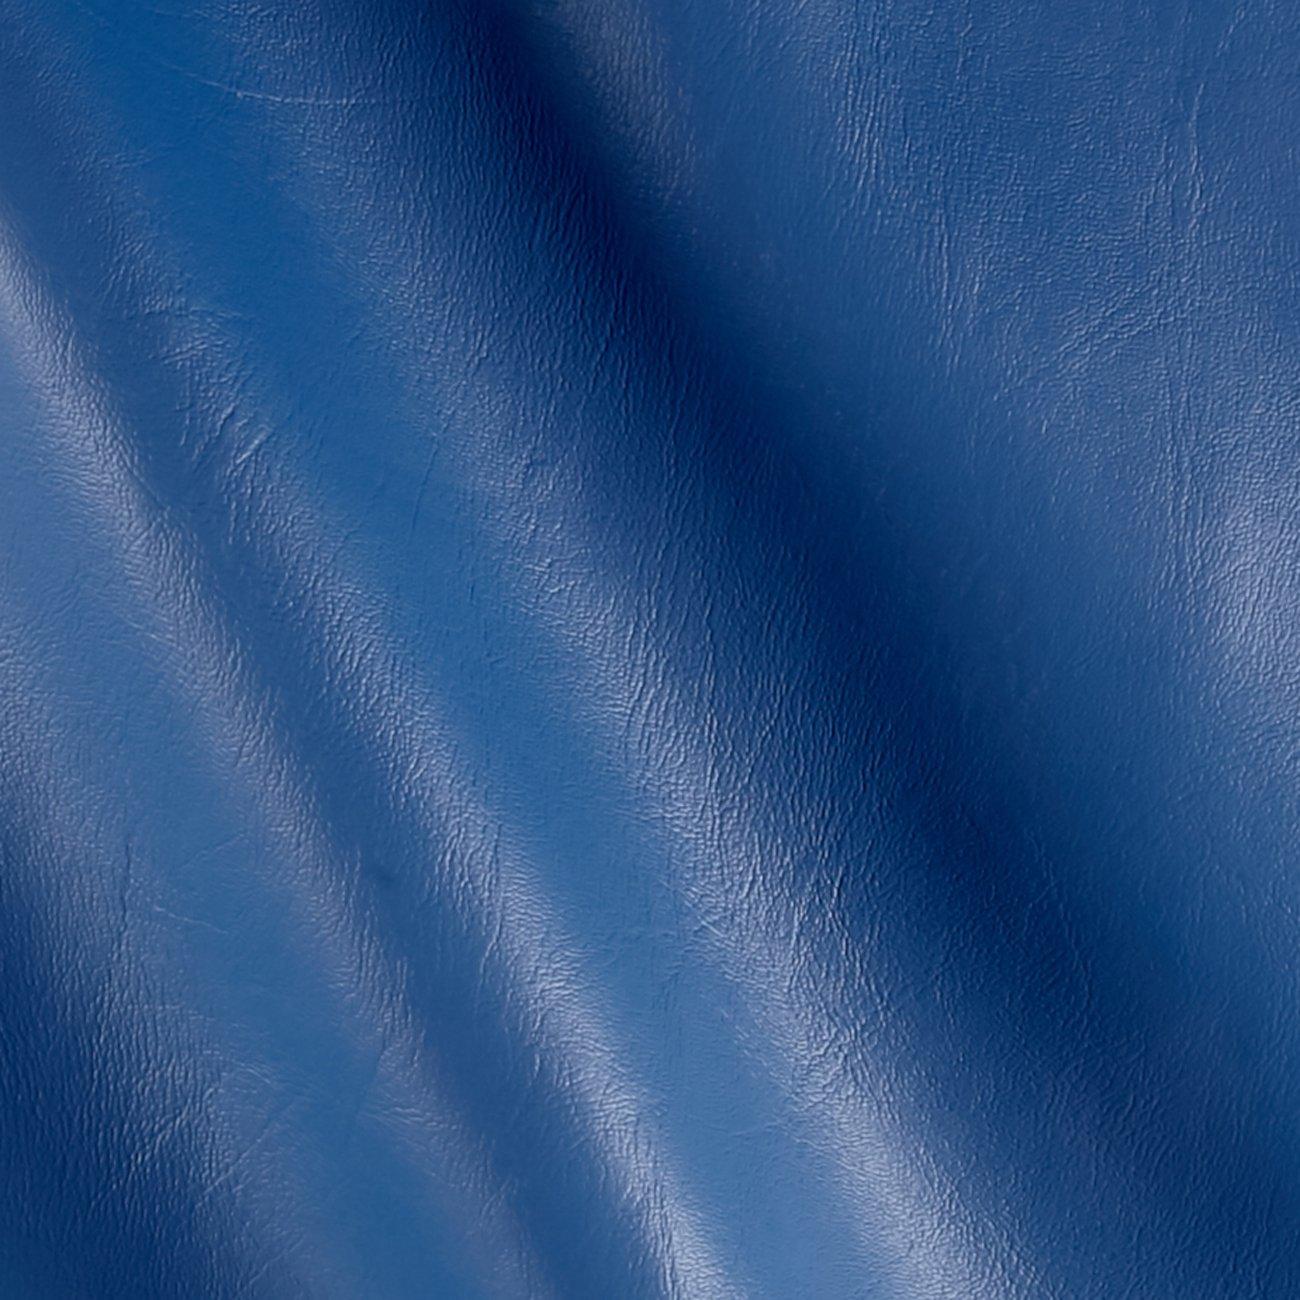 Plastex Vinyl Denim Blue Fabric by The Yard